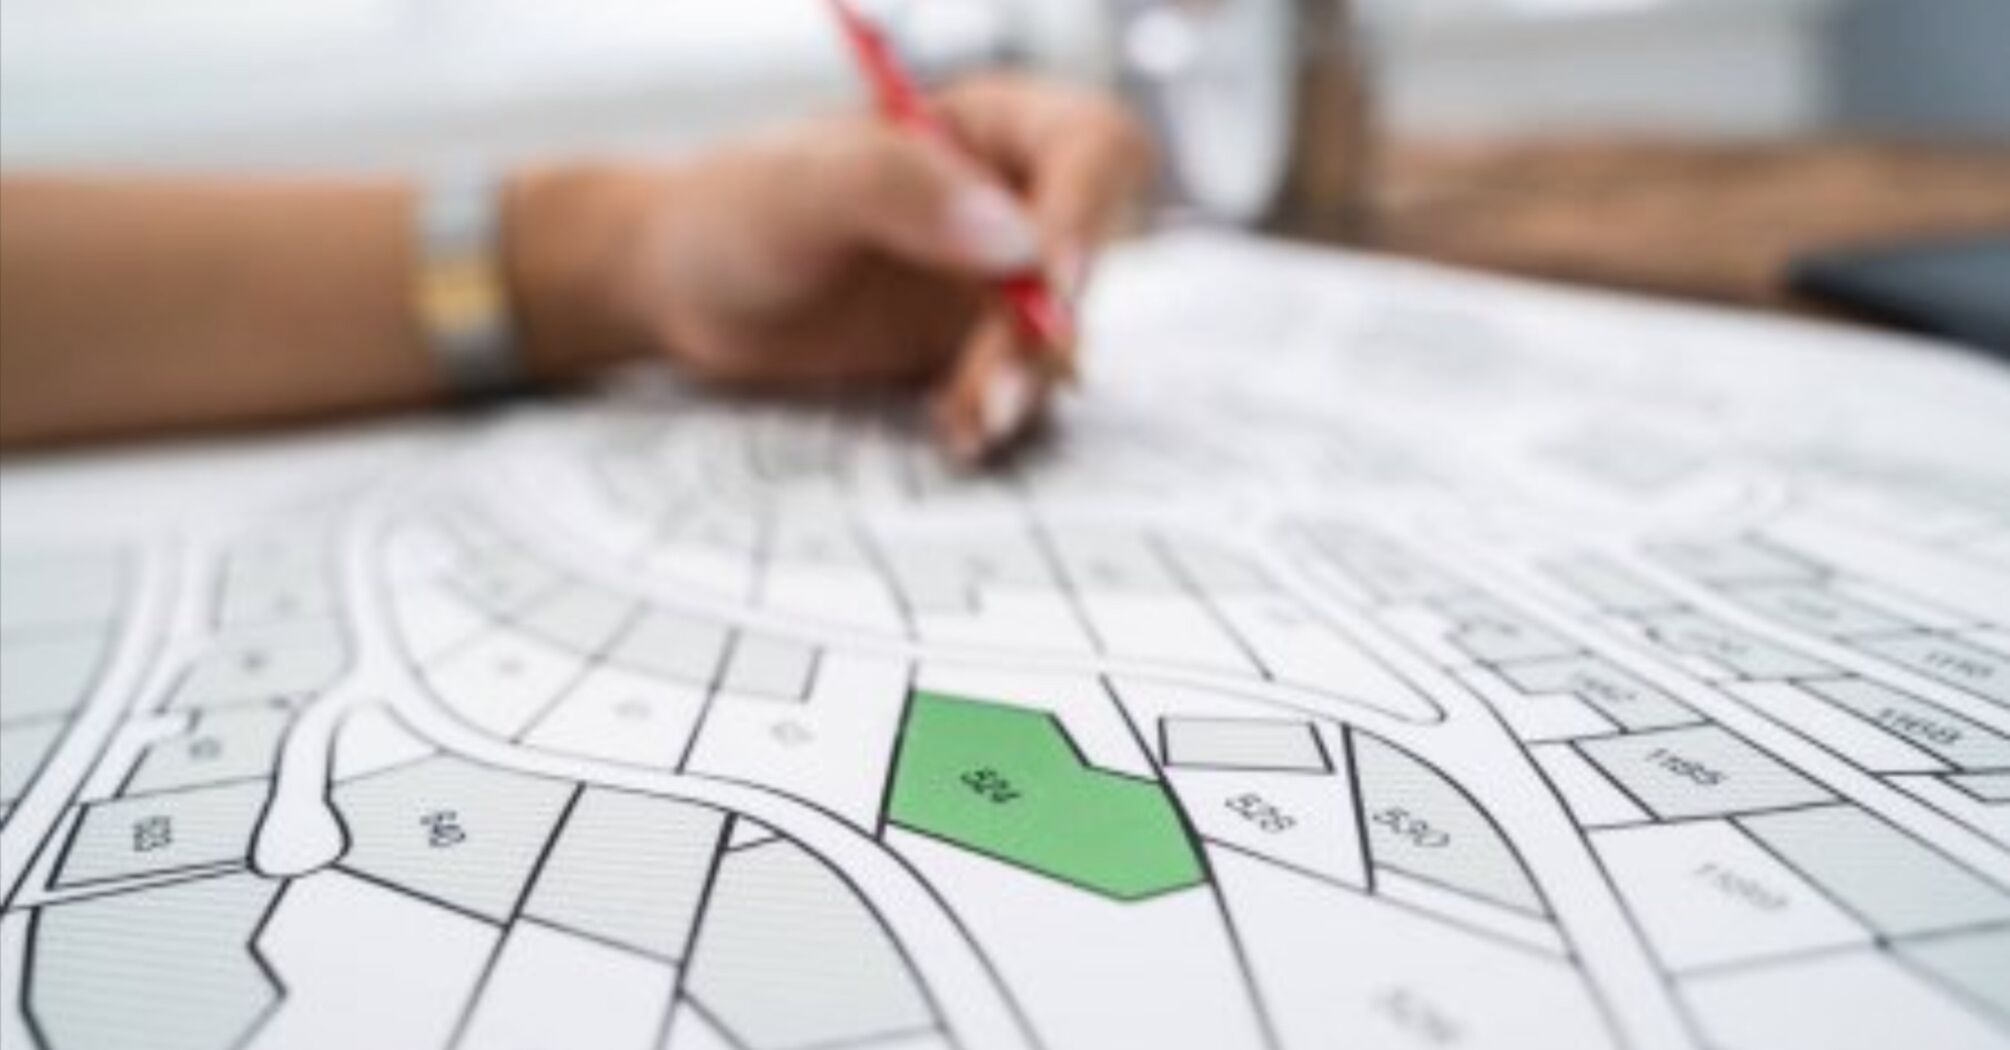 Регистрацию земельных участков упростили (список изменений)